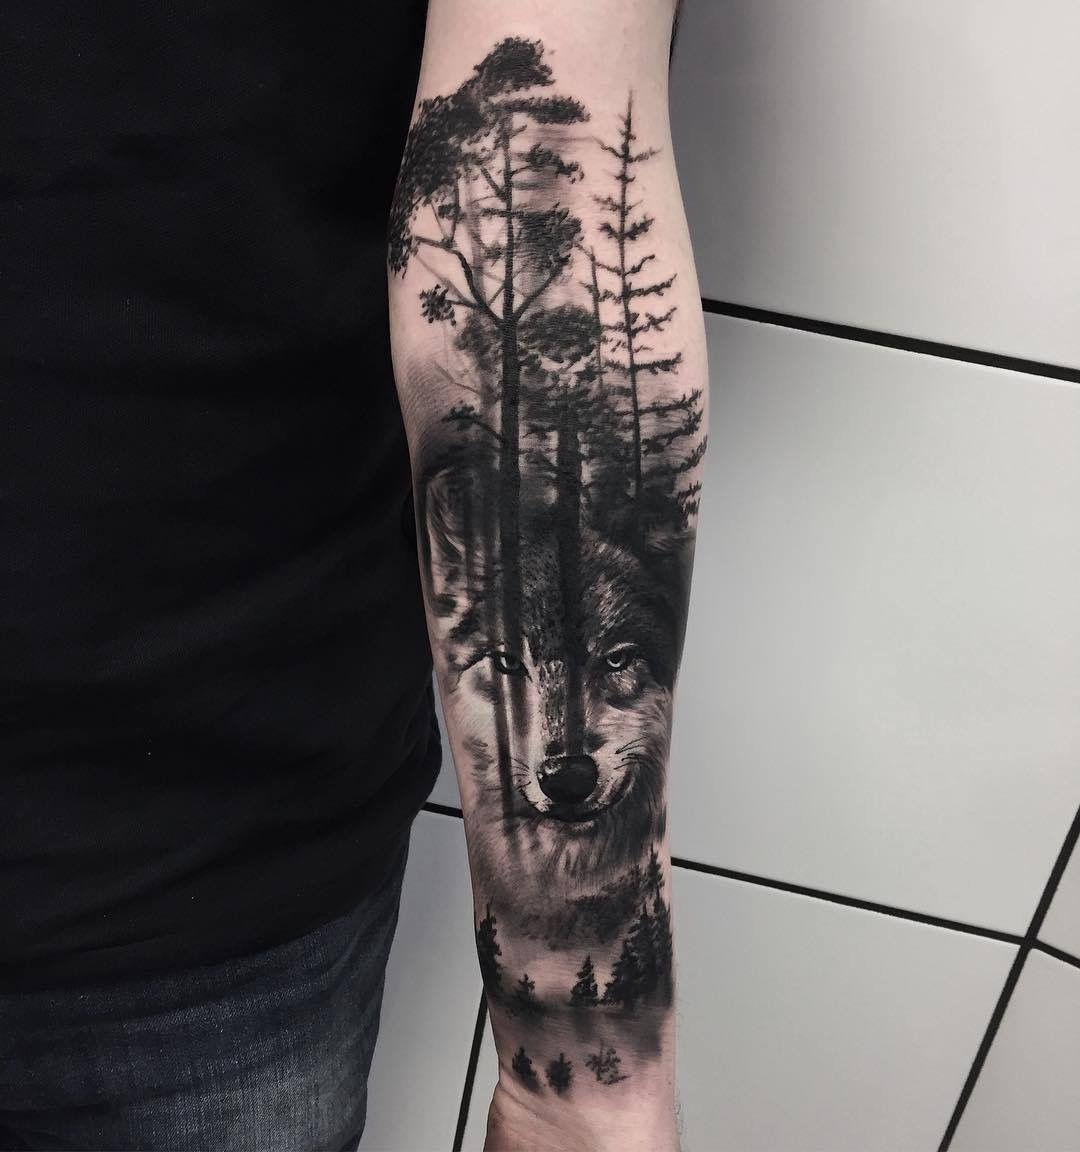 Astounding Feder Tattoo Unterarm Sammlung Von Tattoo, Schwarz, Künstler, Coole Tattoos, Wolf Unterarm,